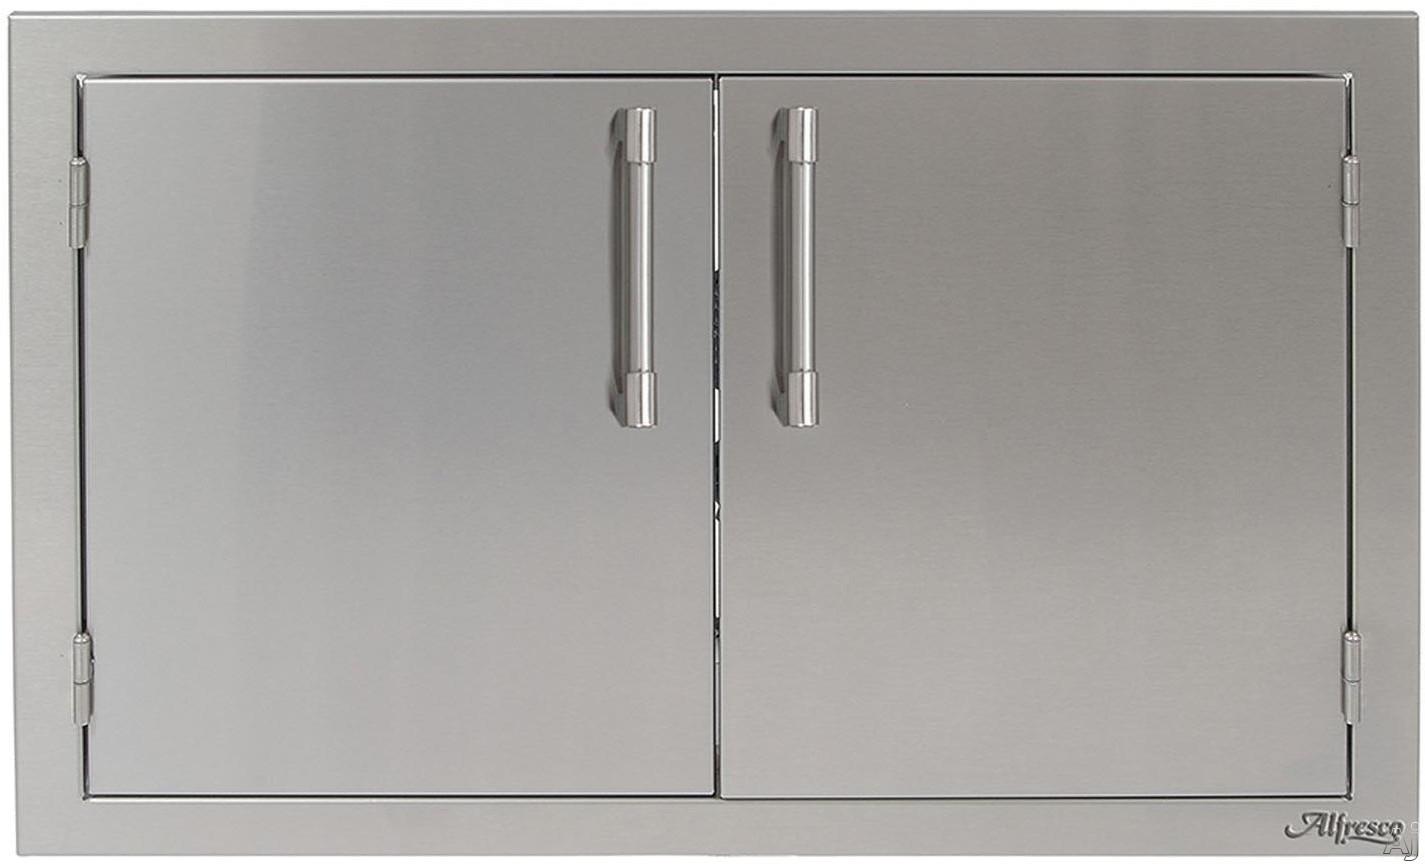 Alfresco Axe36 36 Inch Double Sided Access Door